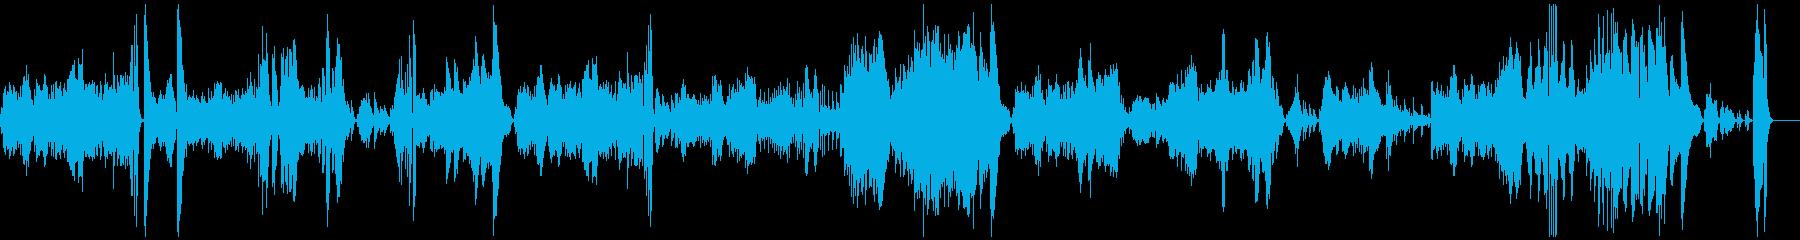 ベートーヴェン 悲愴第3楽章 ピアノソロの再生済みの波形